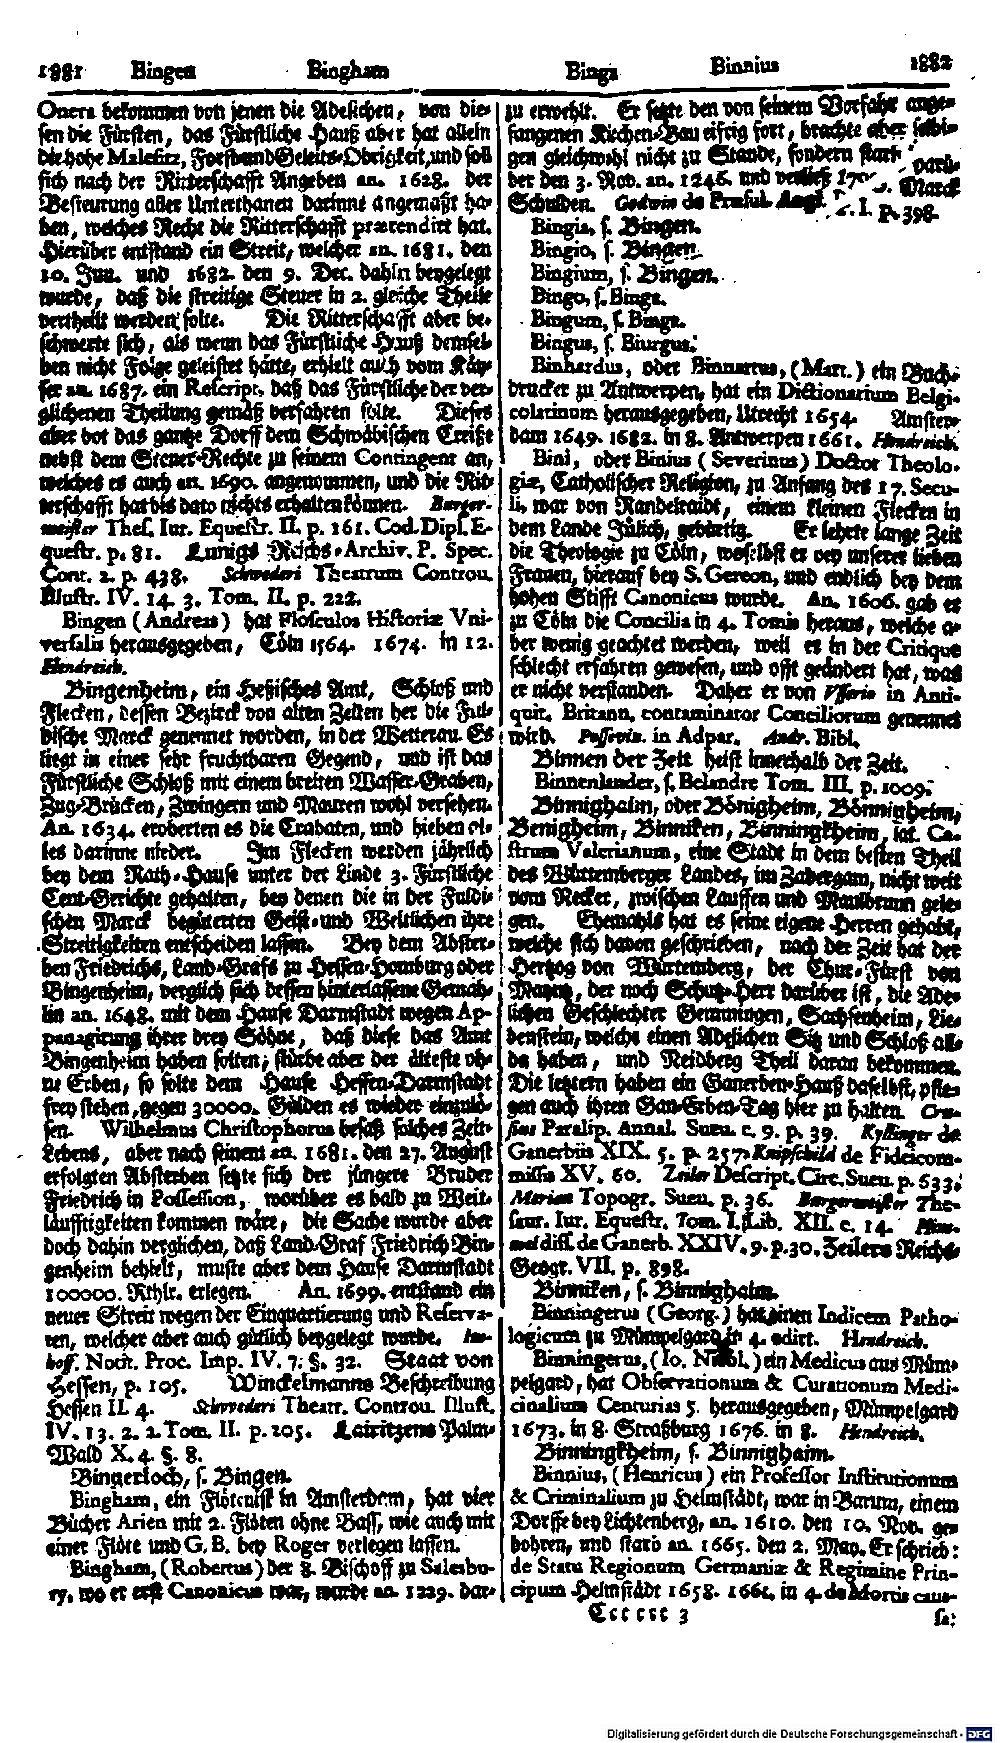 Bd. 3, Seite 0952.